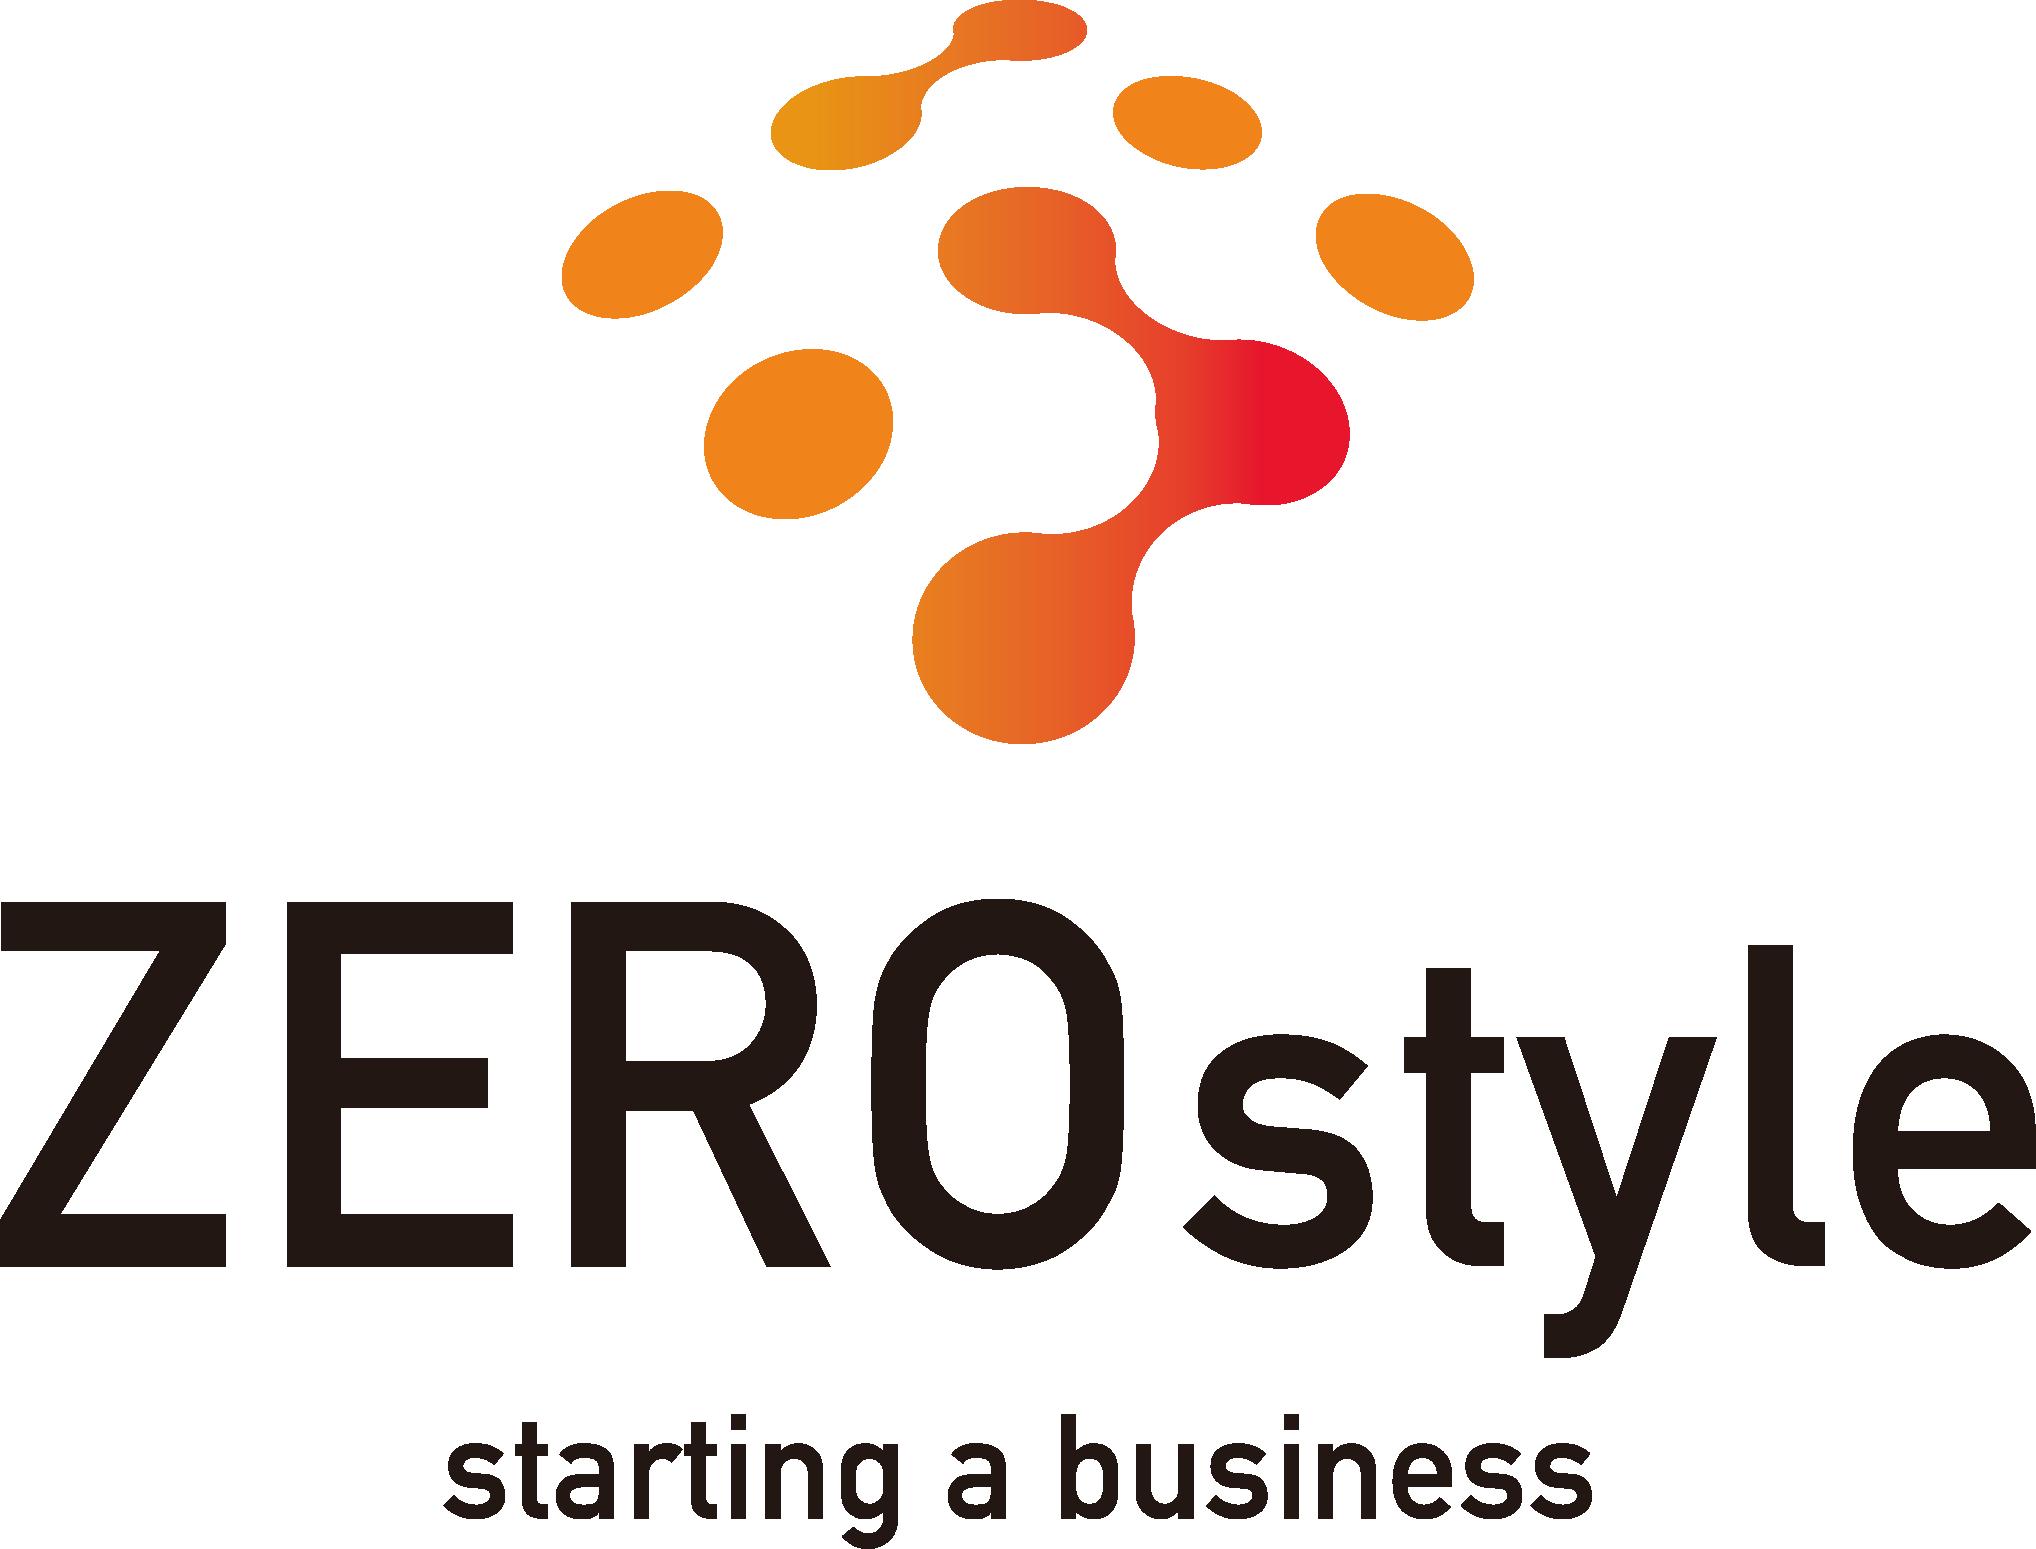 株式会社ZEROstyle(ゼロスタイル)